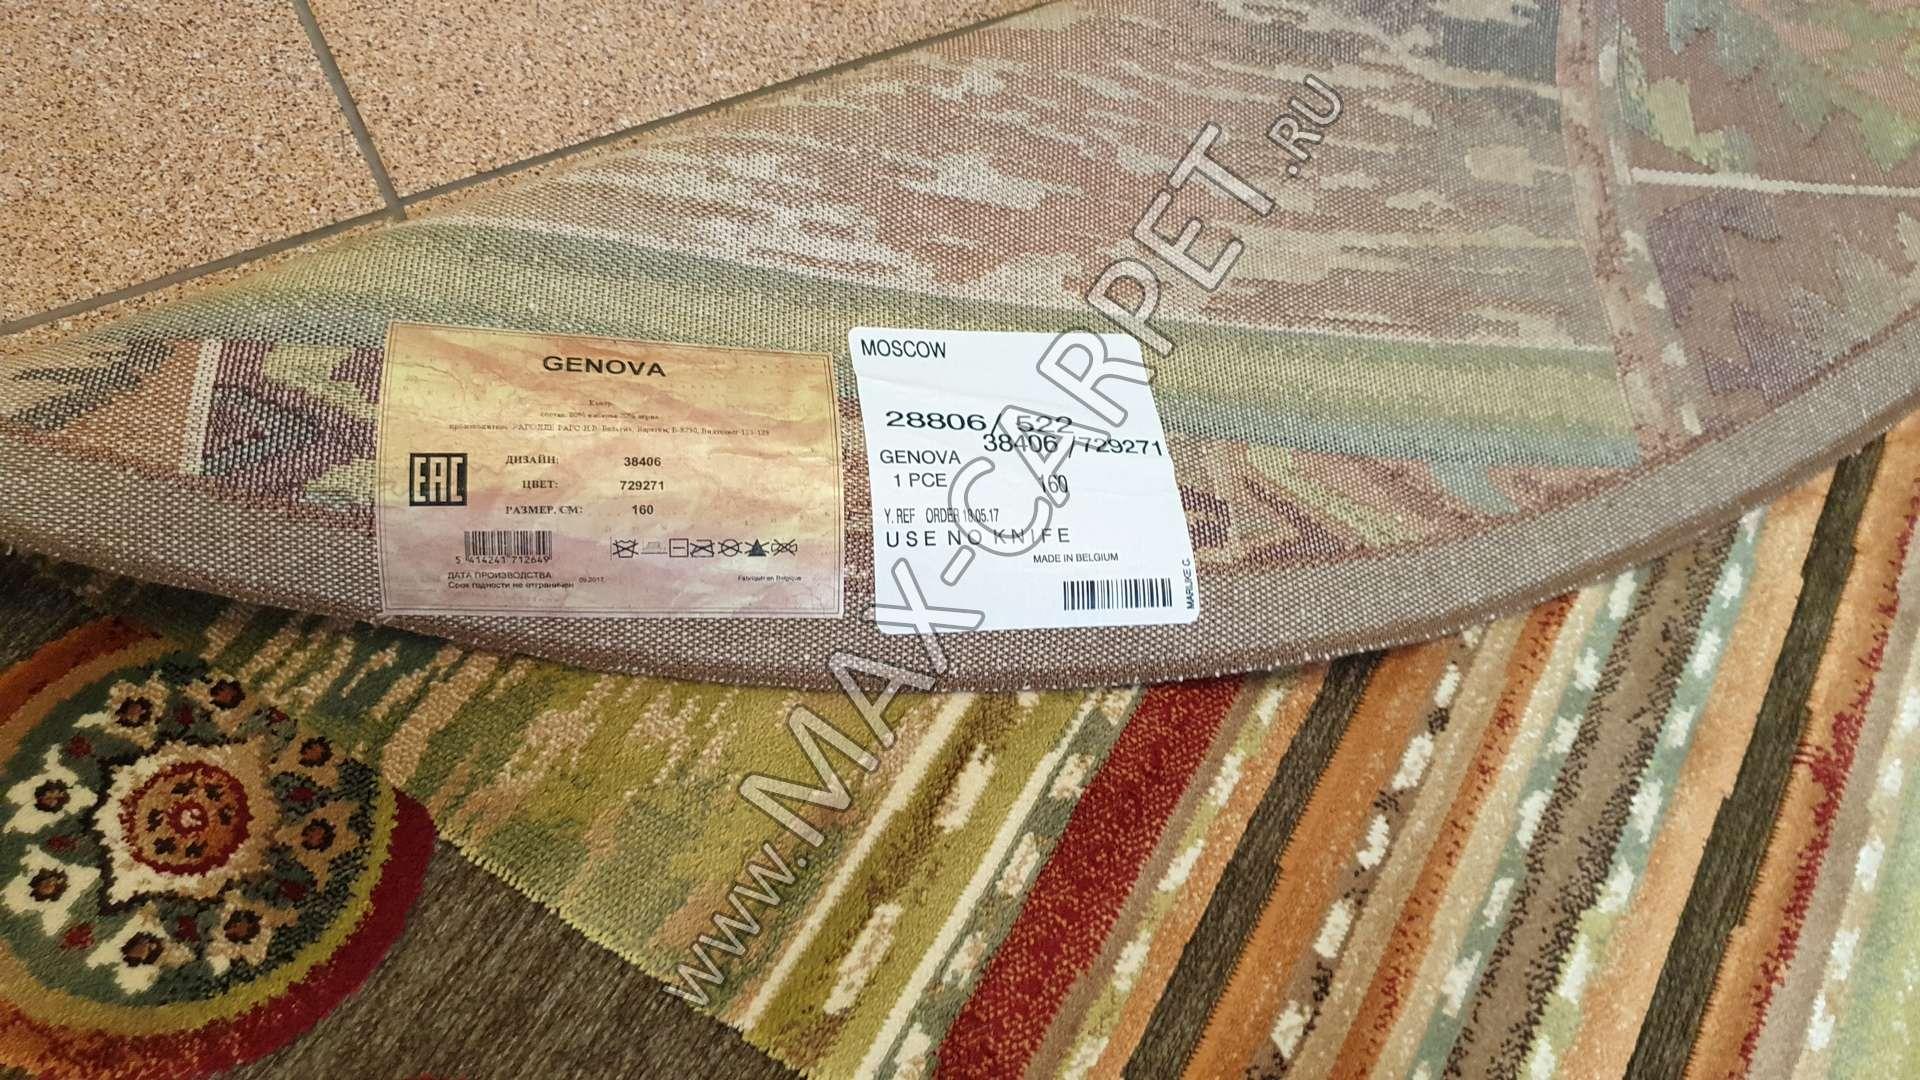 Бельгийский ковер из вискозы Genova 38406 7292 71 Круг